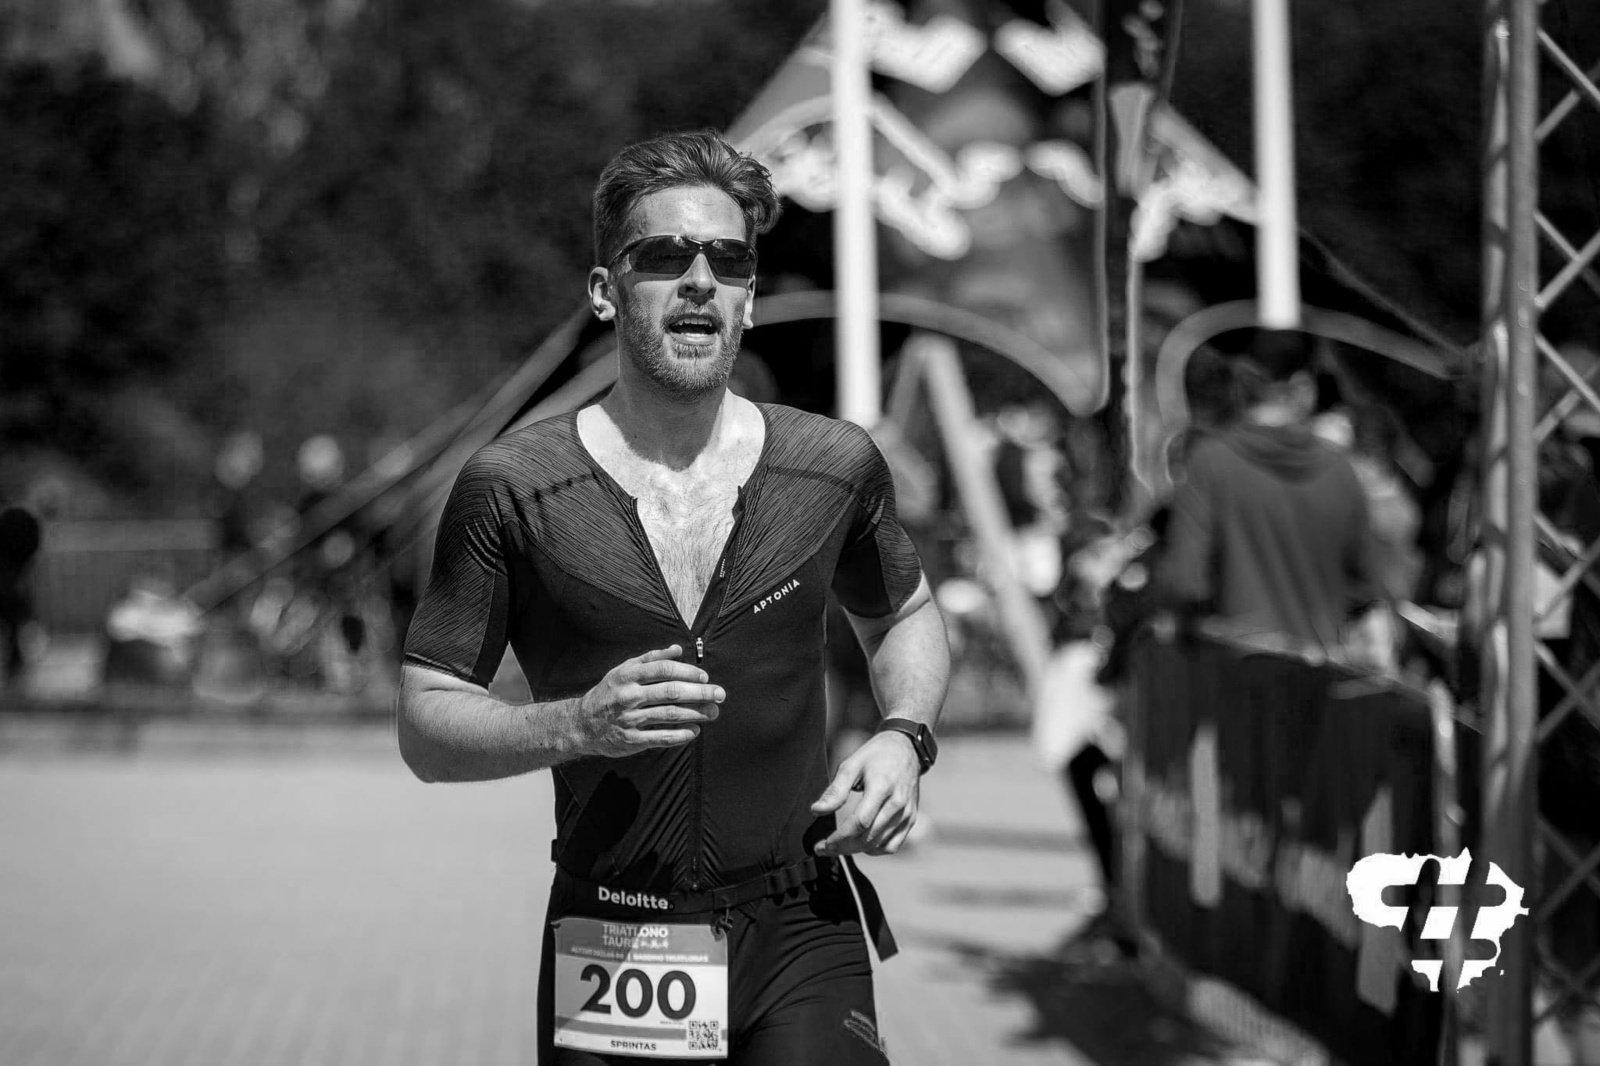 Skaudi tragedija: mirė jaunas Lietuvos triatlonininkas